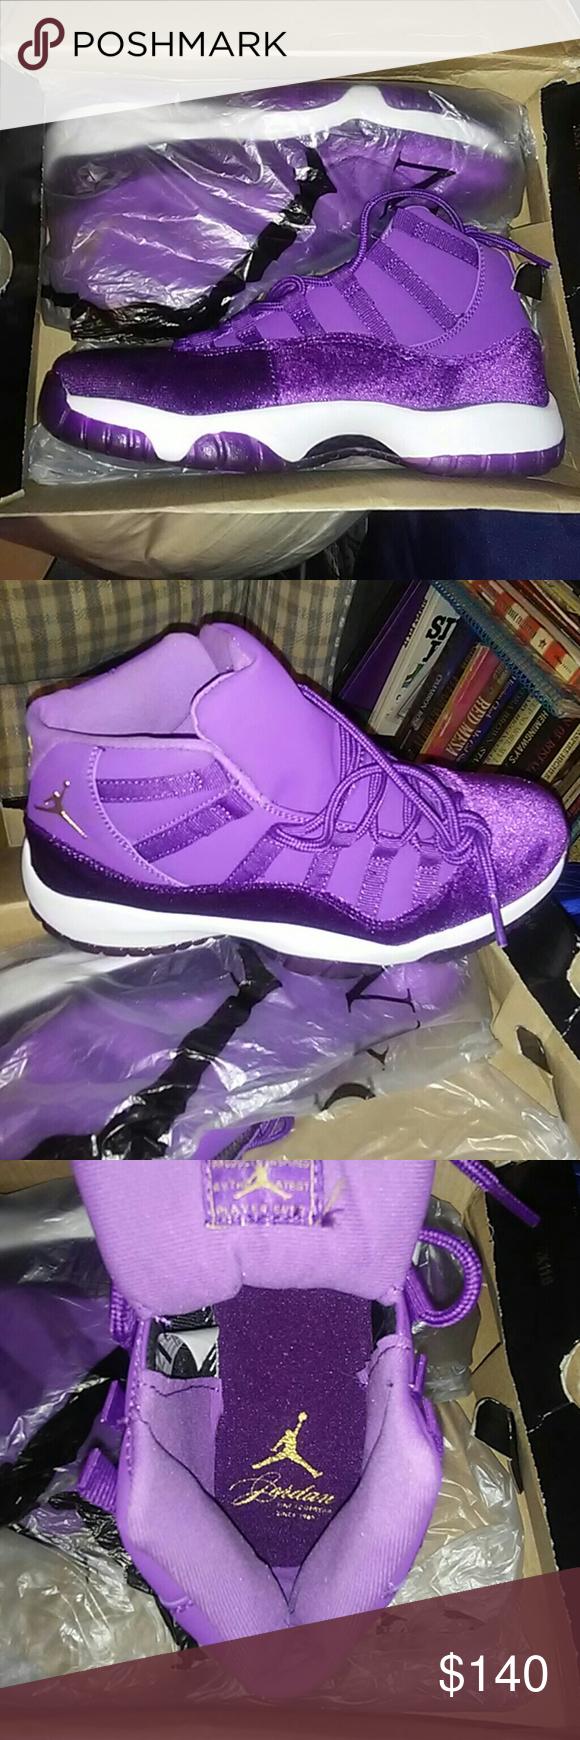 1f9b48a75284a7 Jordan 11 s Grape Velvet Purple Velvet